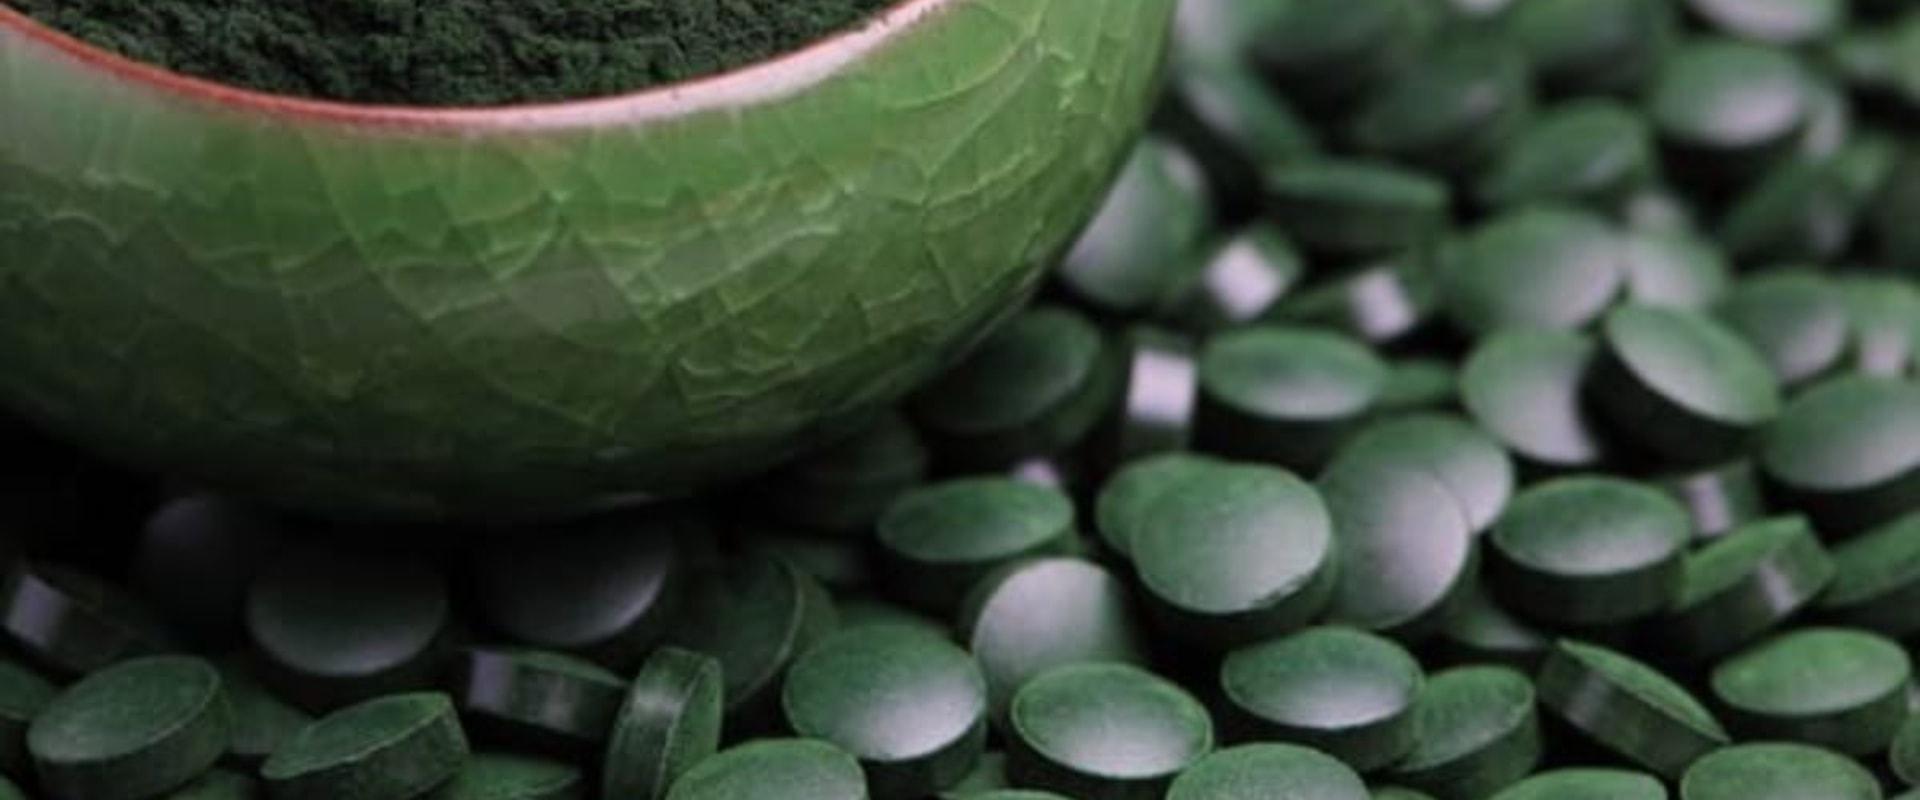 ¿Cuántos gramos de espirulina al día?